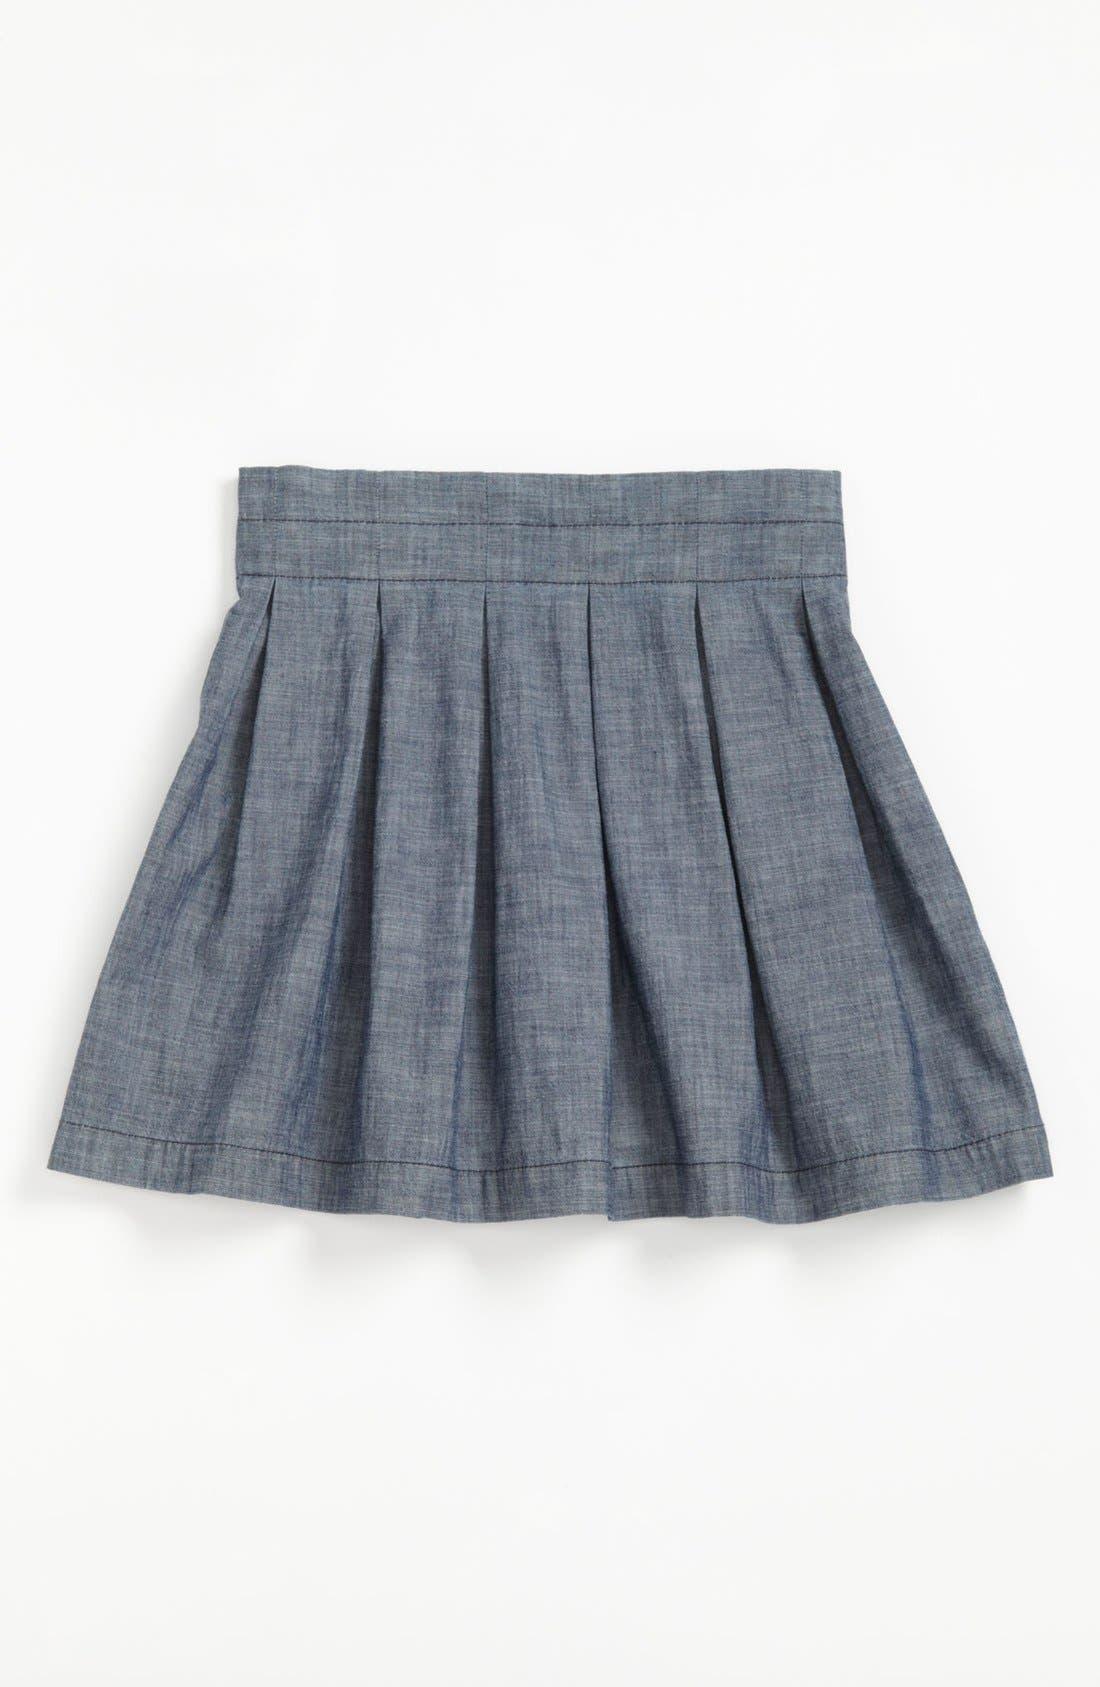 Alternate Image 1 Selected - Tucker + Tate 'Cameron' Skirt (Little Girls)